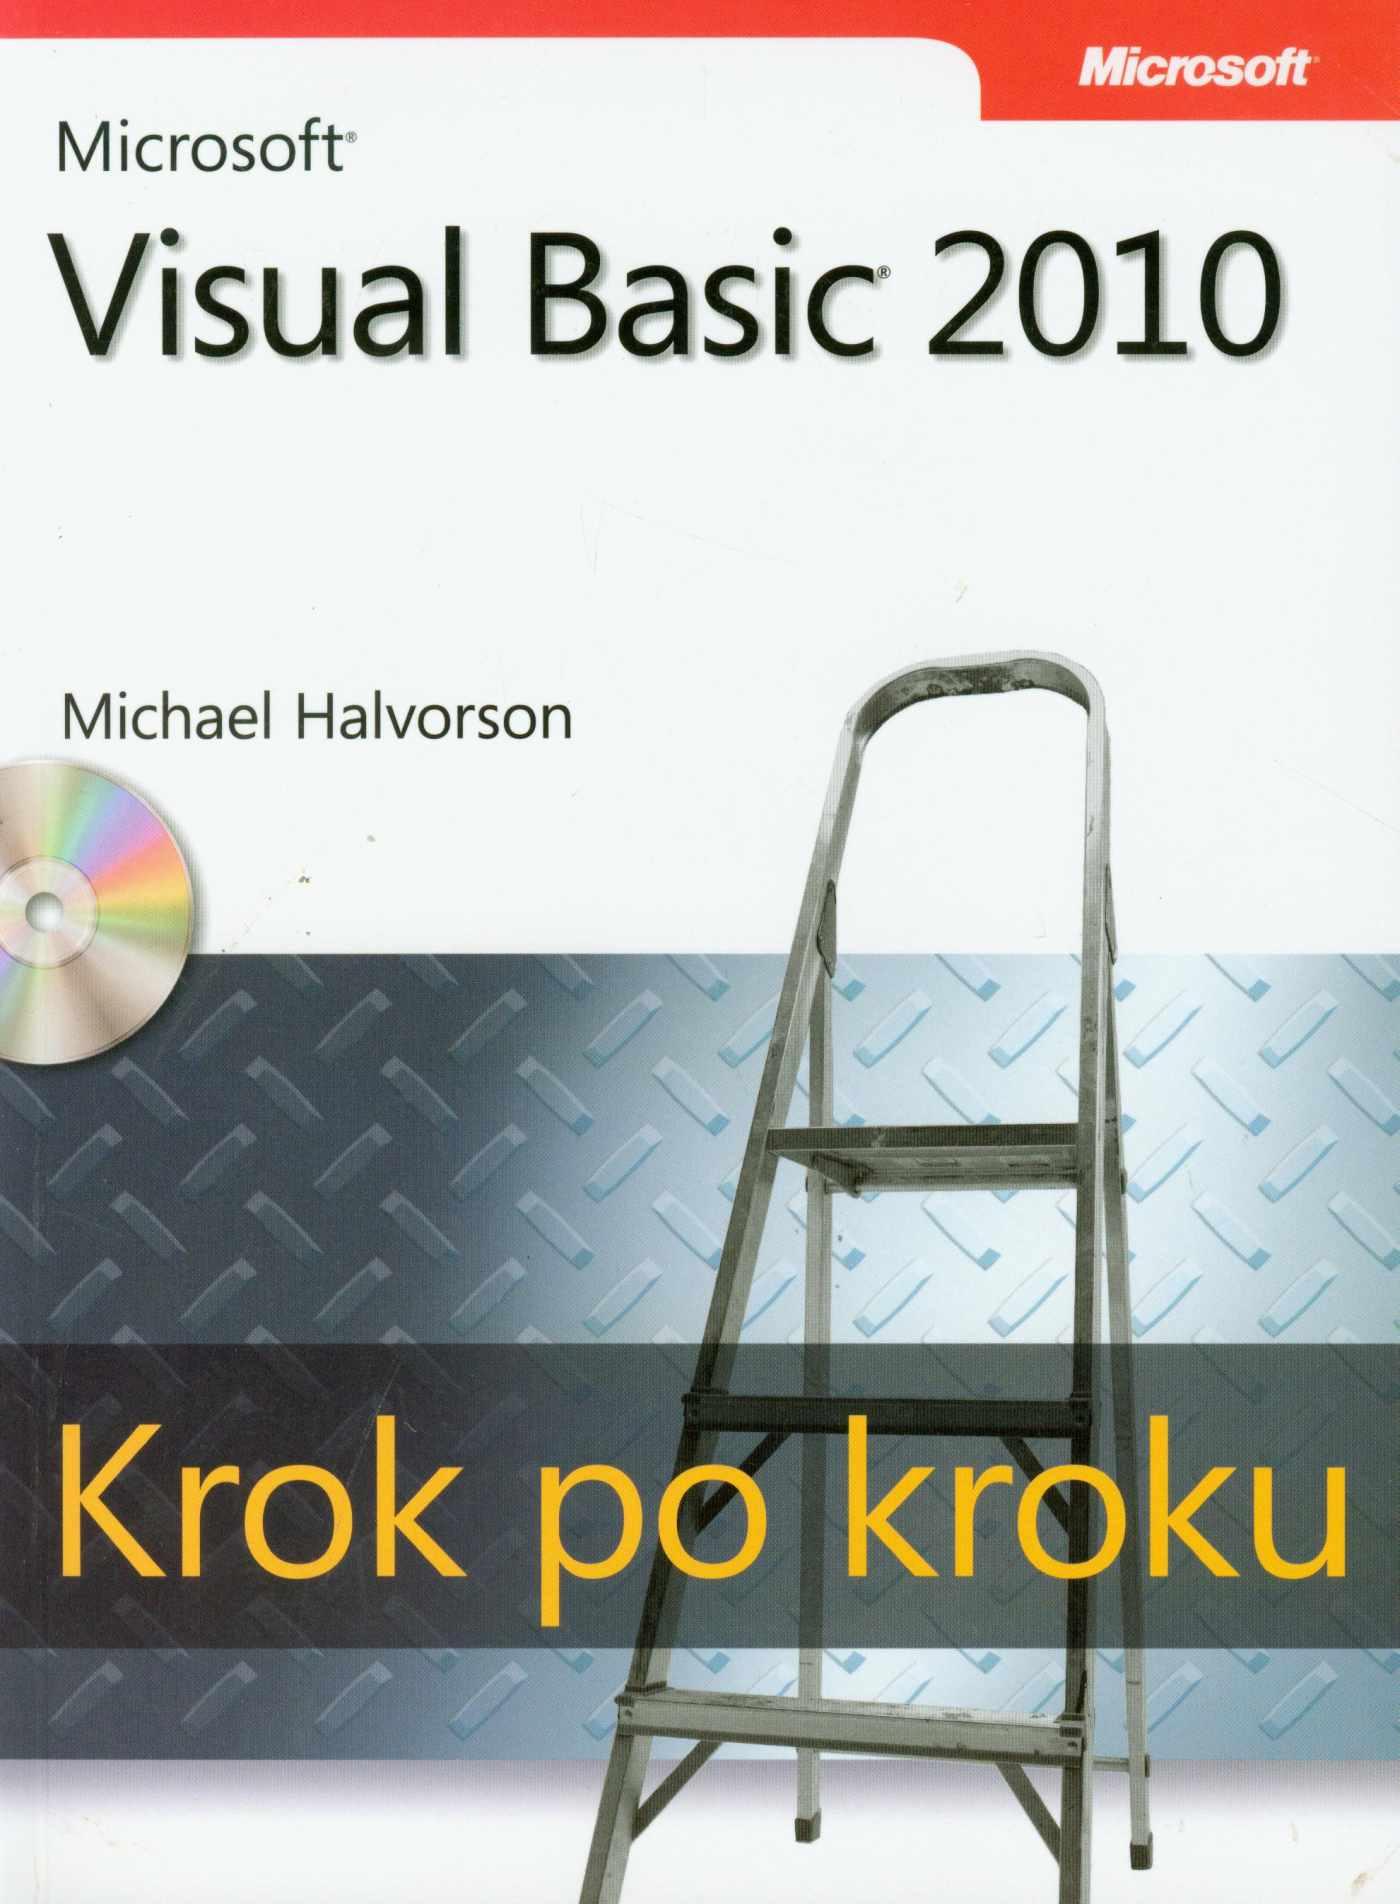 Microsoft Visual Basic 2010 Krok po kroku - Ebook (Książka PDF) do pobrania w formacie PDF